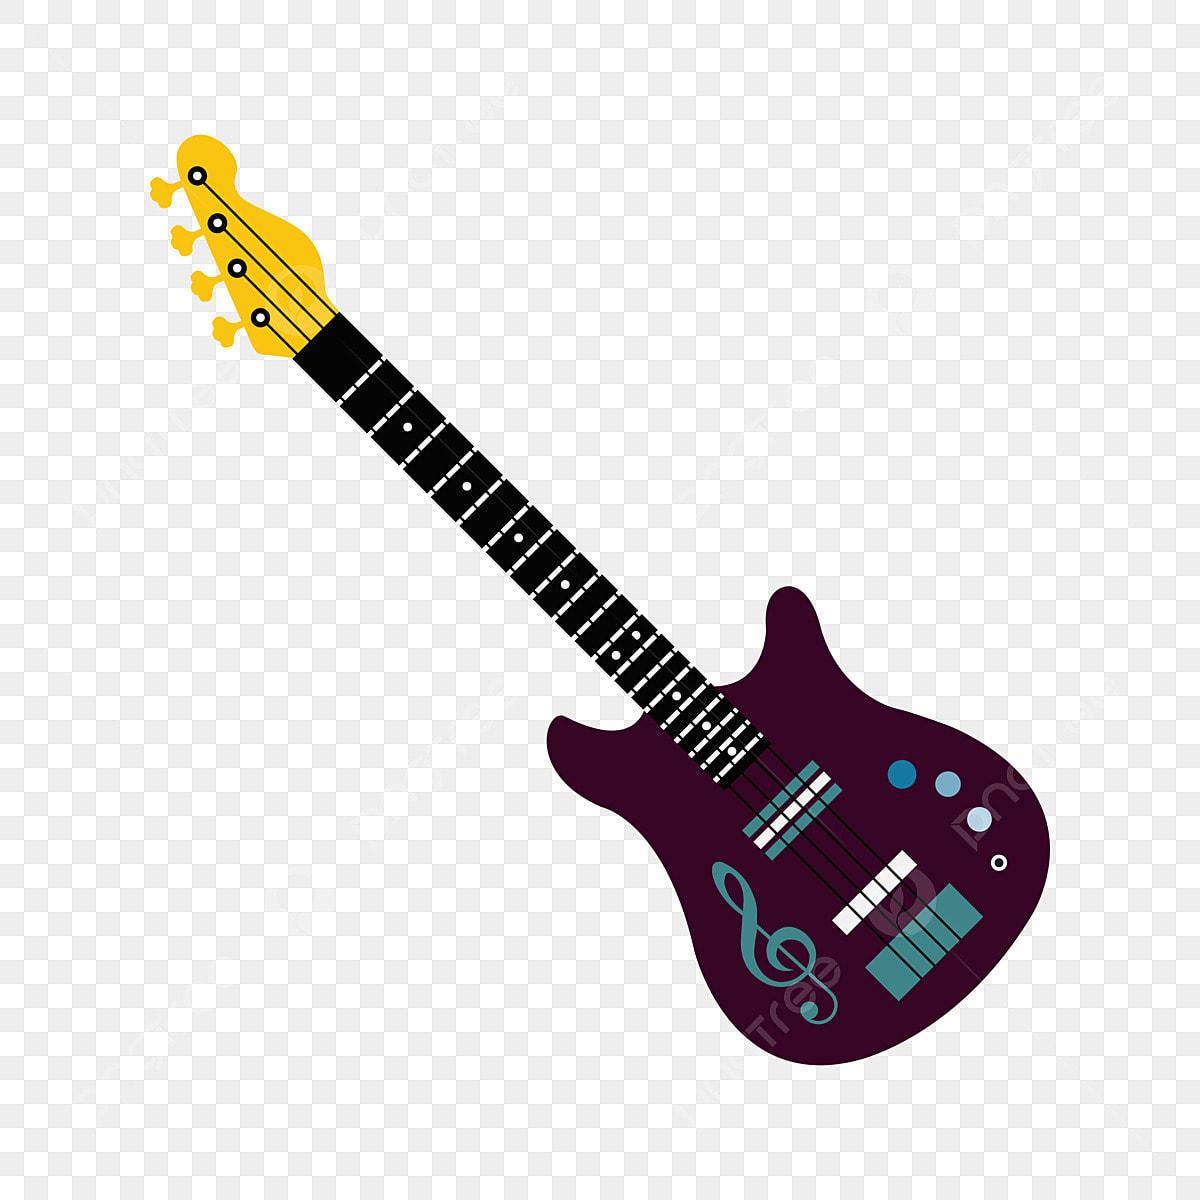 Elemento De Desenho Guitarra Eletrica Musica Instrumento Musical